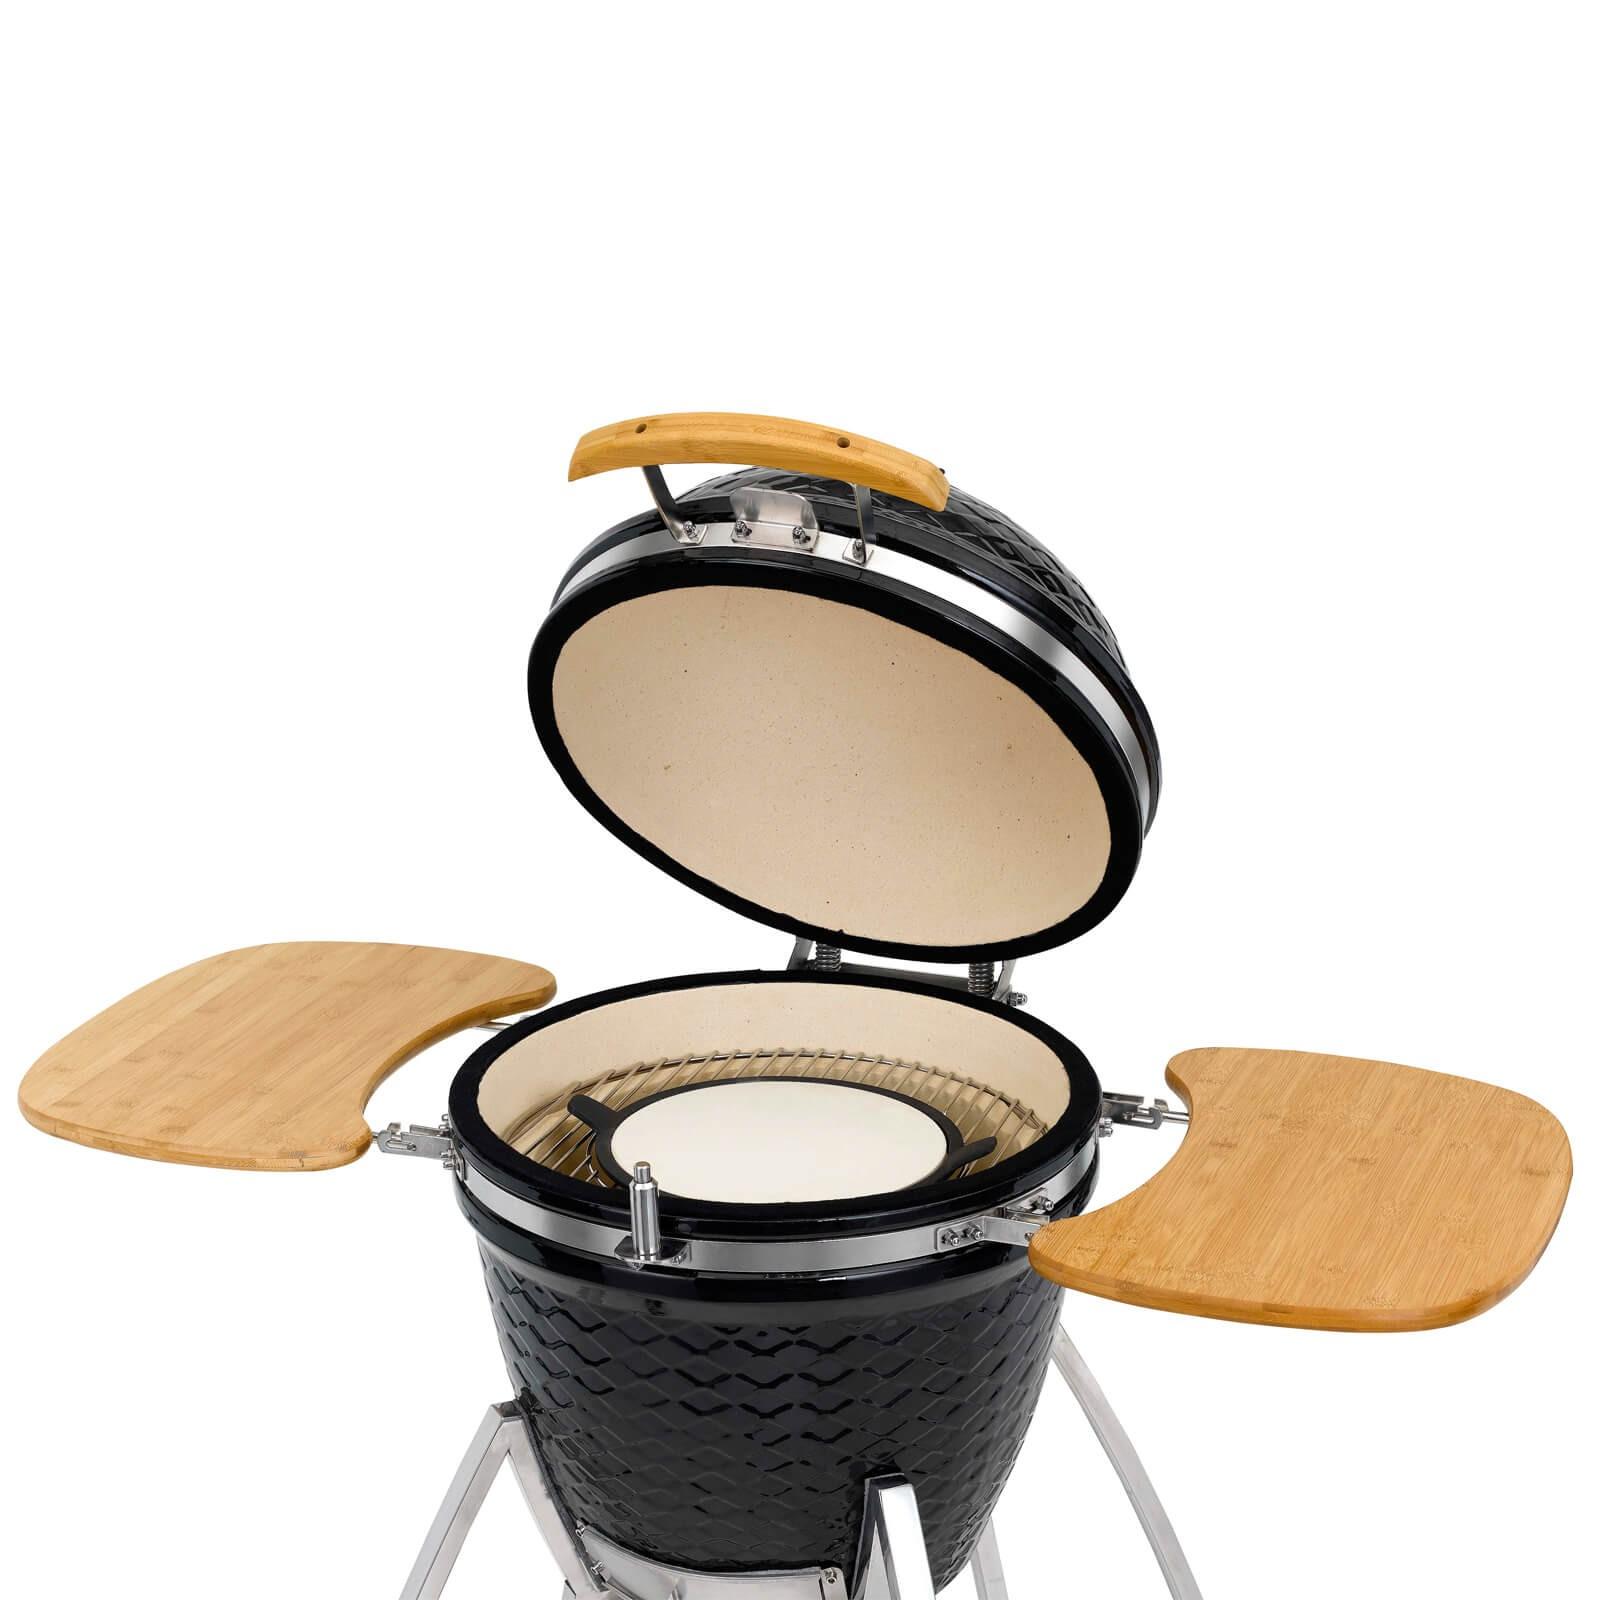 tepro keramik grill holzkohlegrill kohlegrill grillwagen. Black Bedroom Furniture Sets. Home Design Ideas